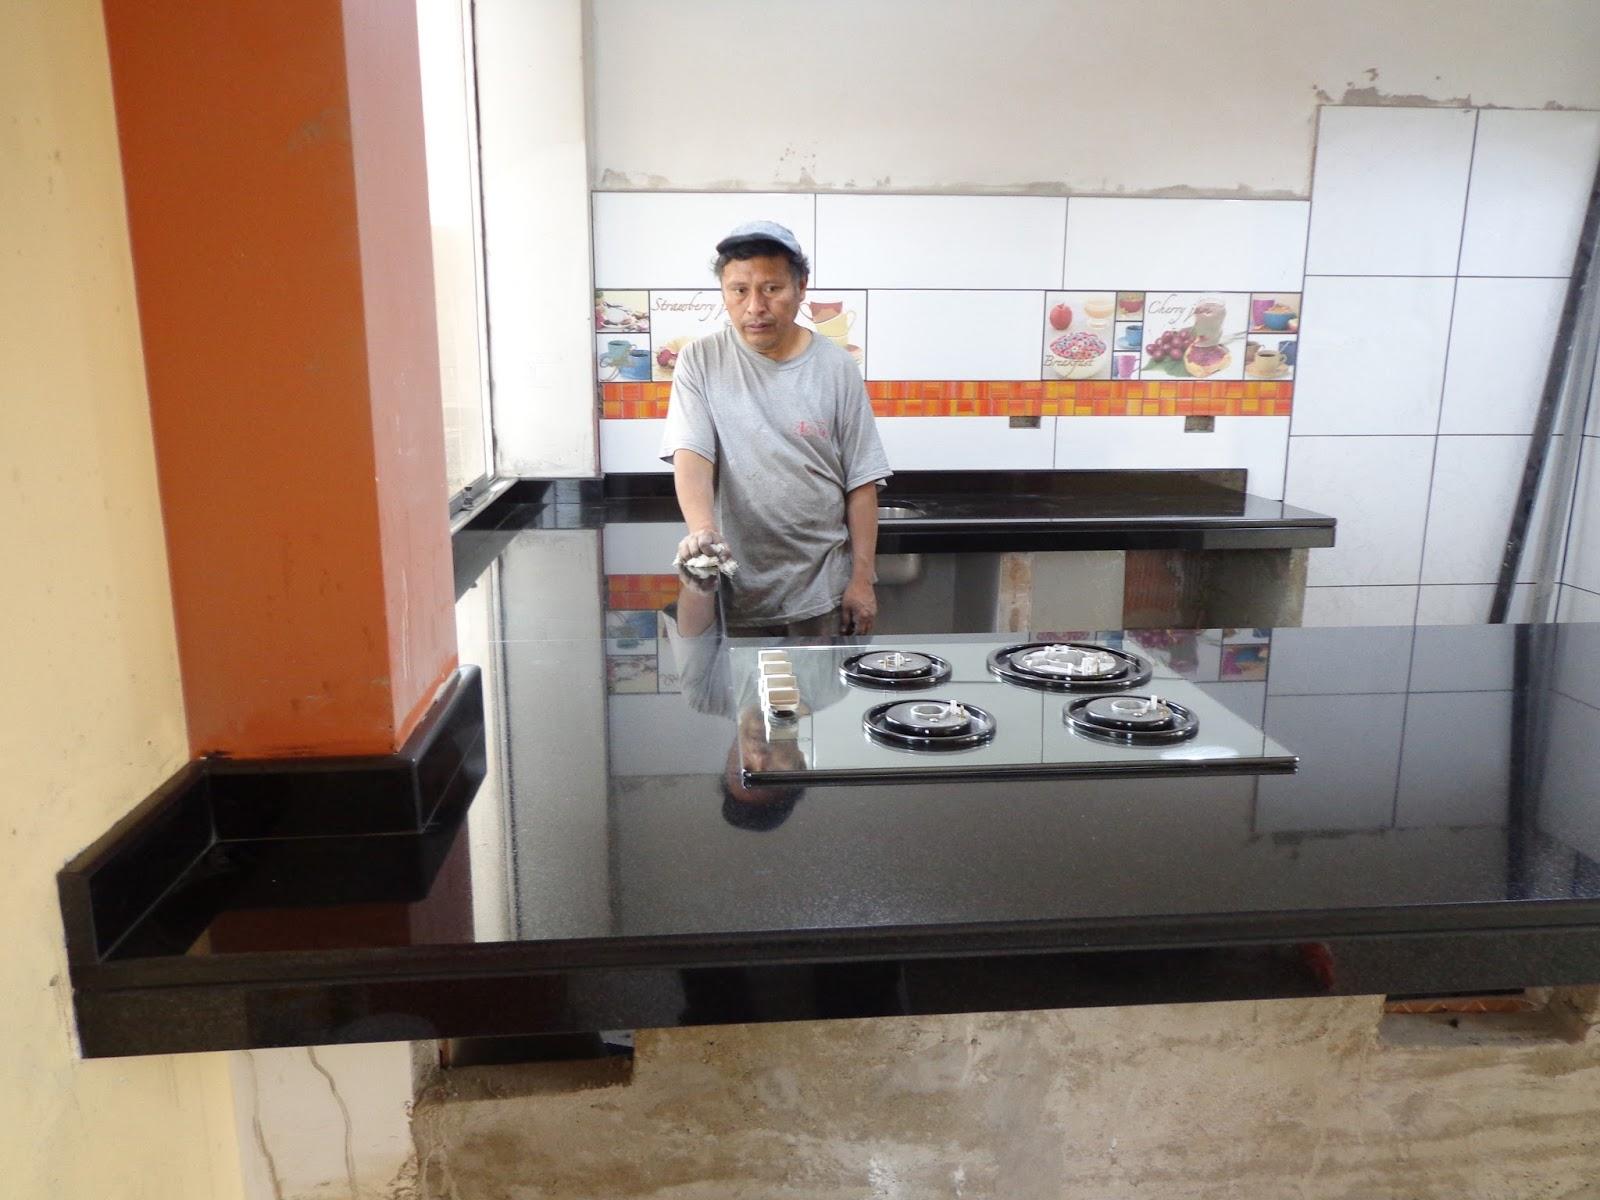 Cocinas vitroceramicas empotradas granito marmol lima - Marmol en cocina ...